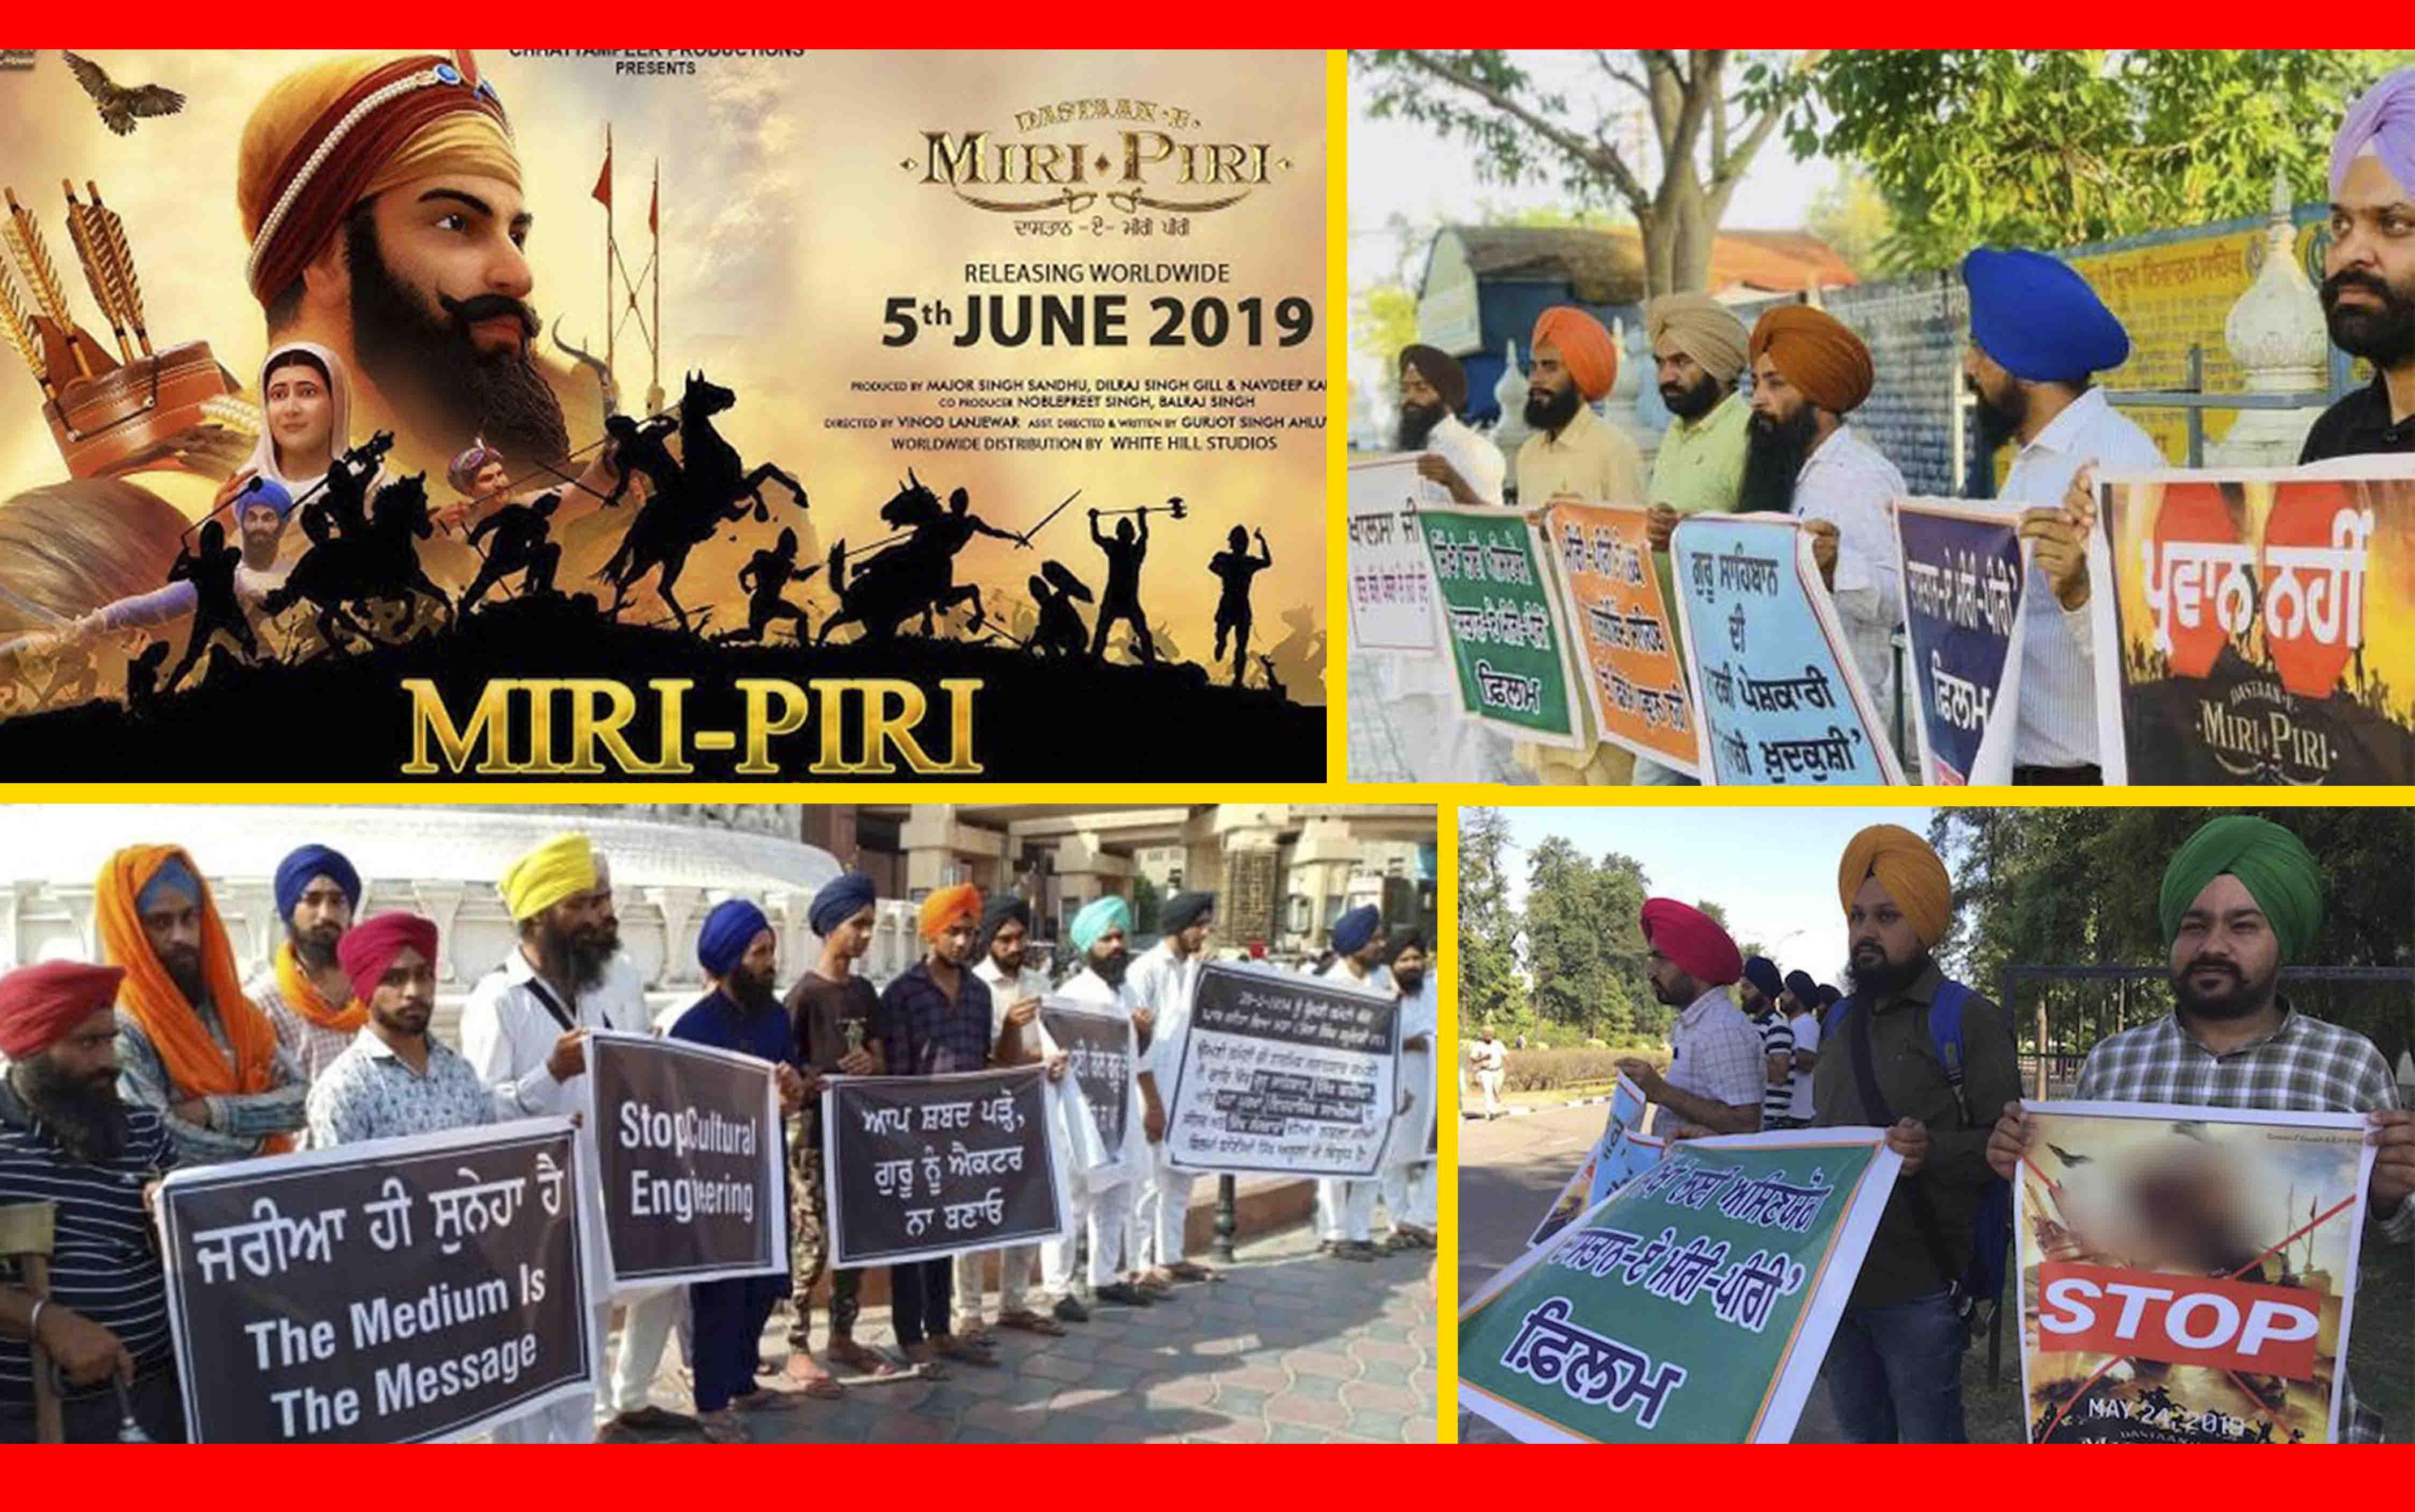 Sikhs Demand Ban On Dastaan E Miri Piri | Ghaintpunjab